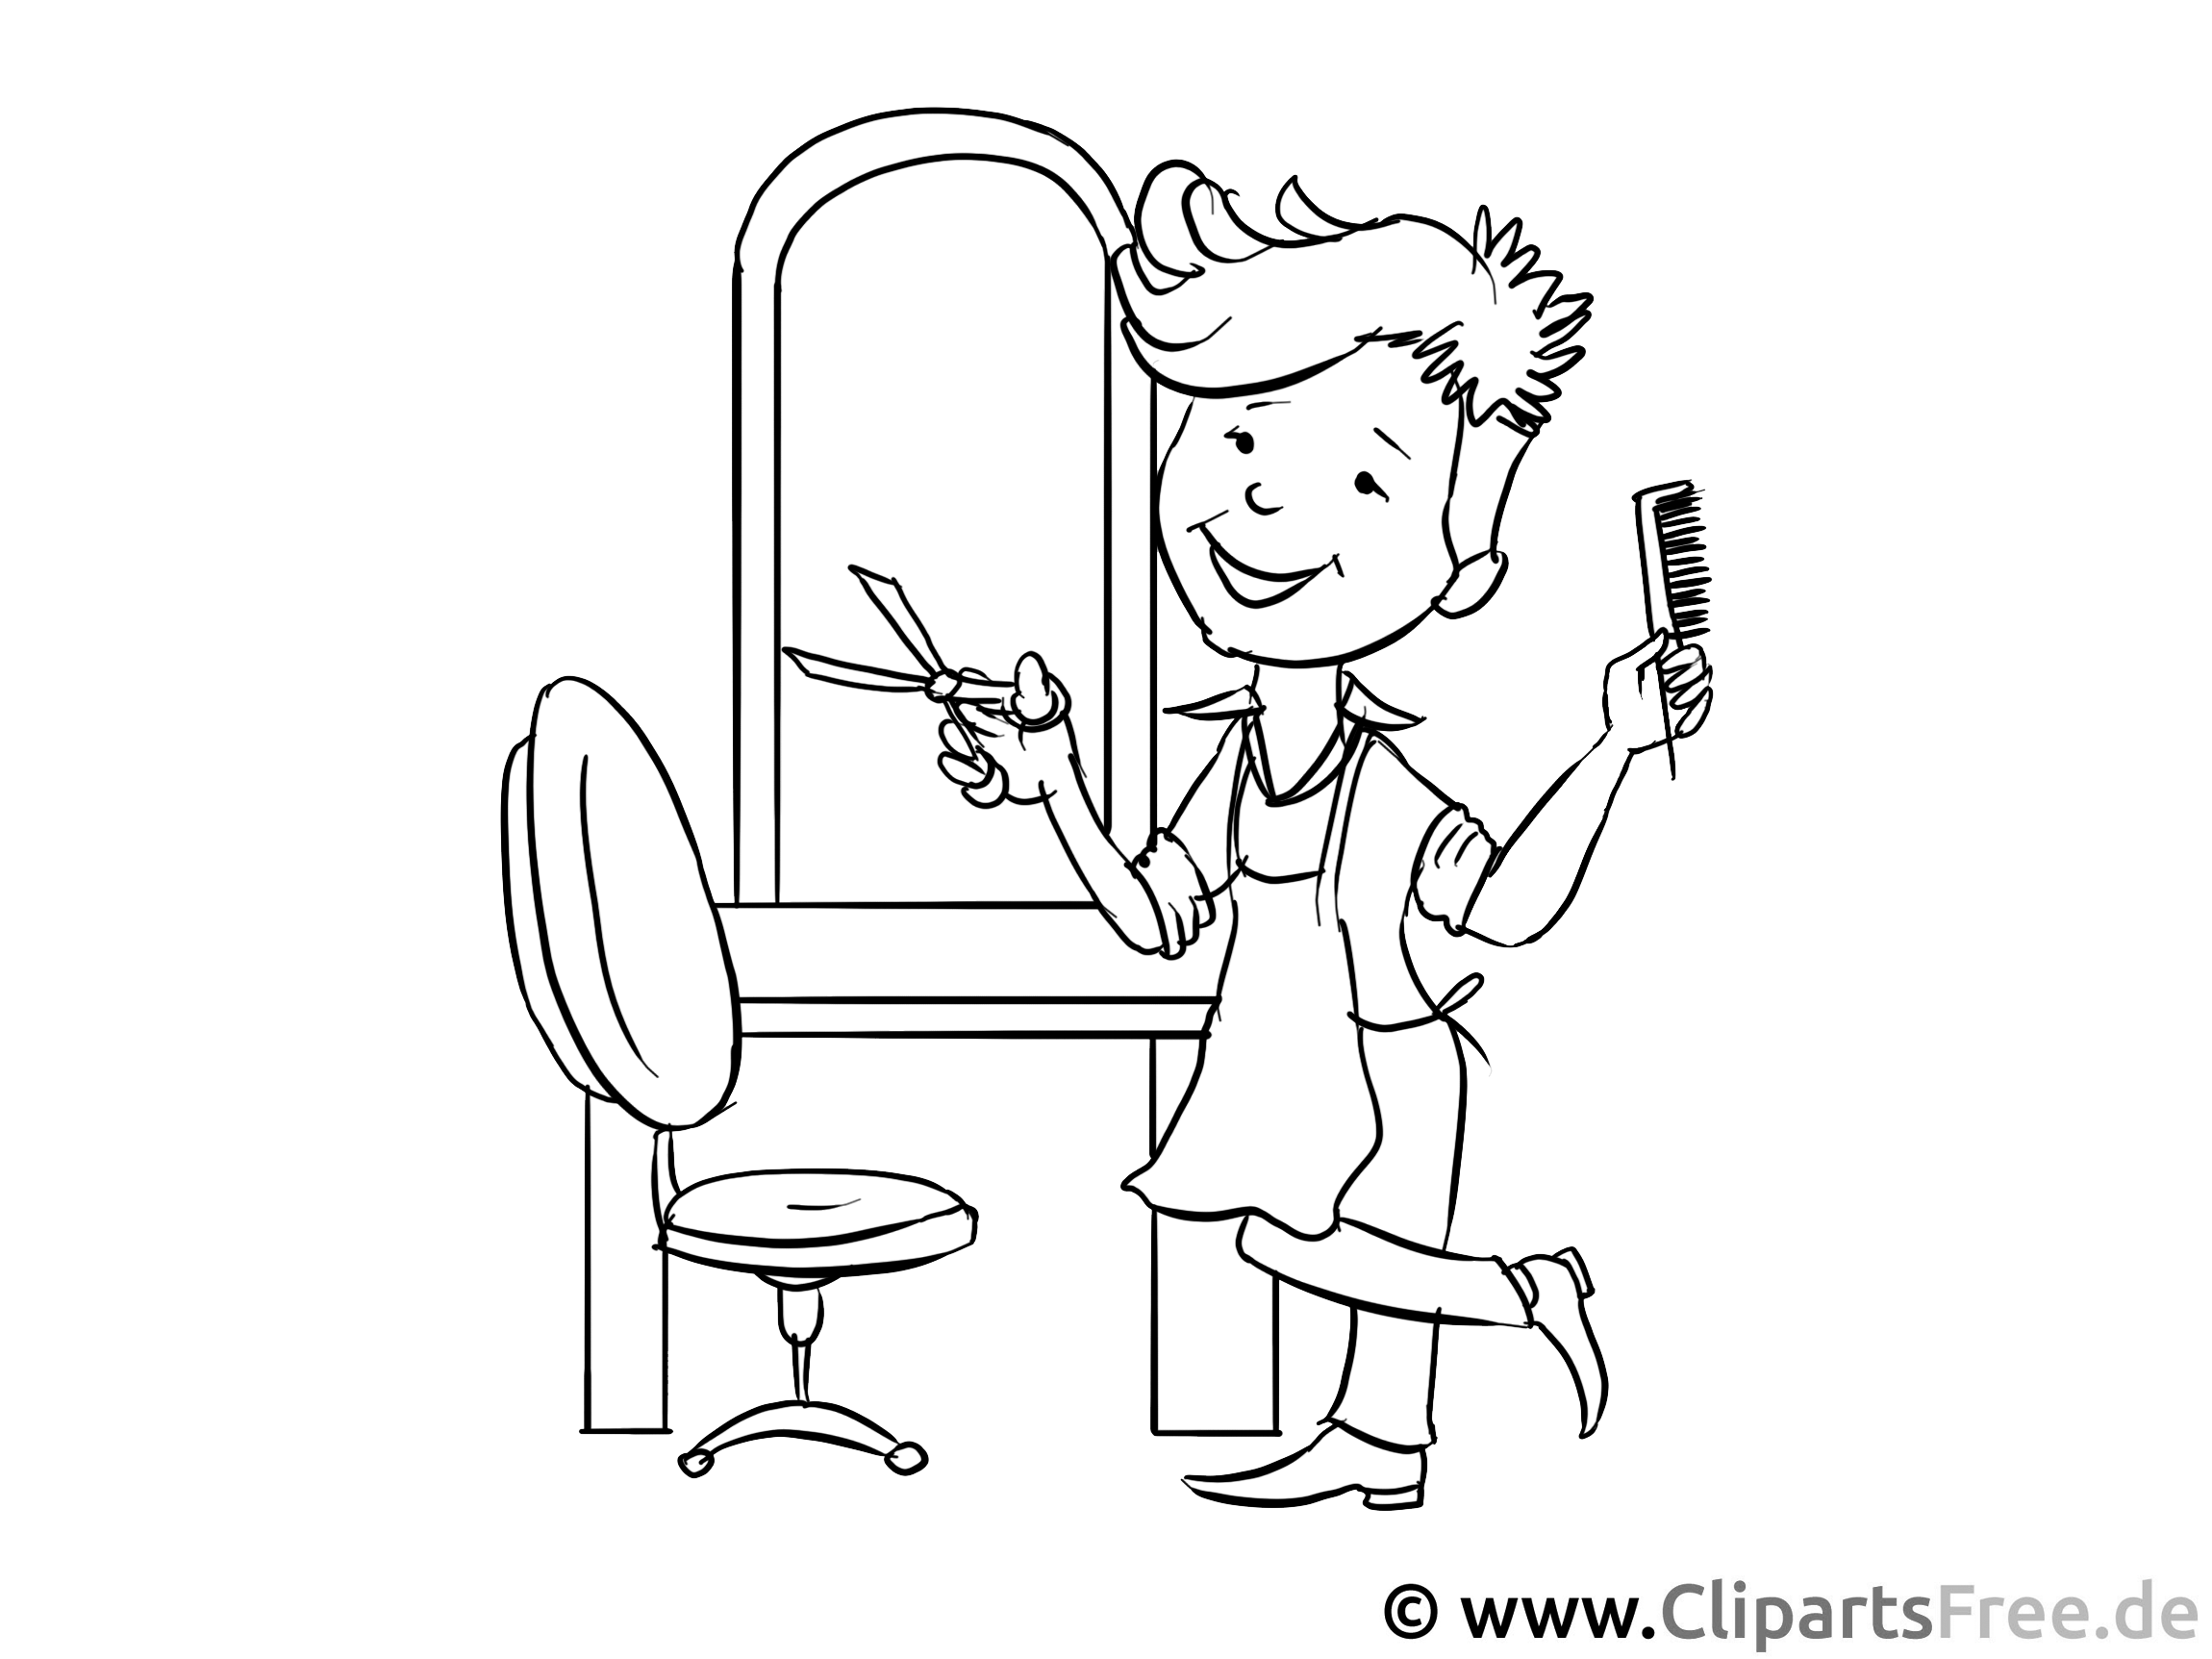 friseur ausmalbild - arbeitsblätter und malvorlagen berufe